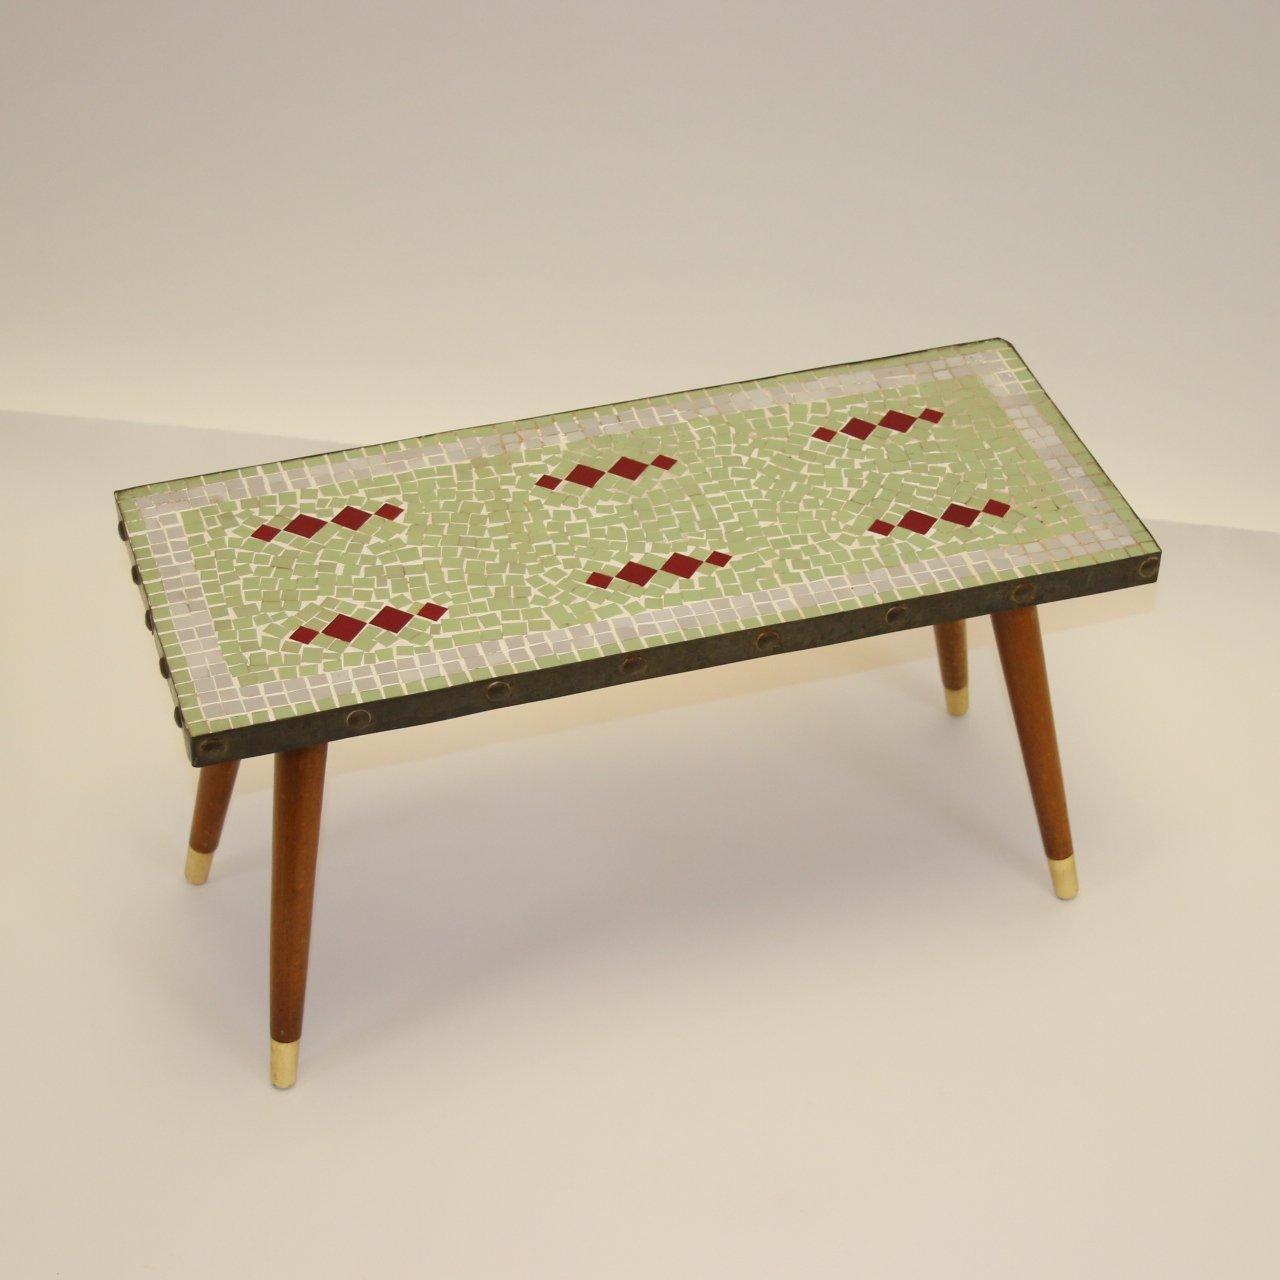 mosaic tile plant table 1950s